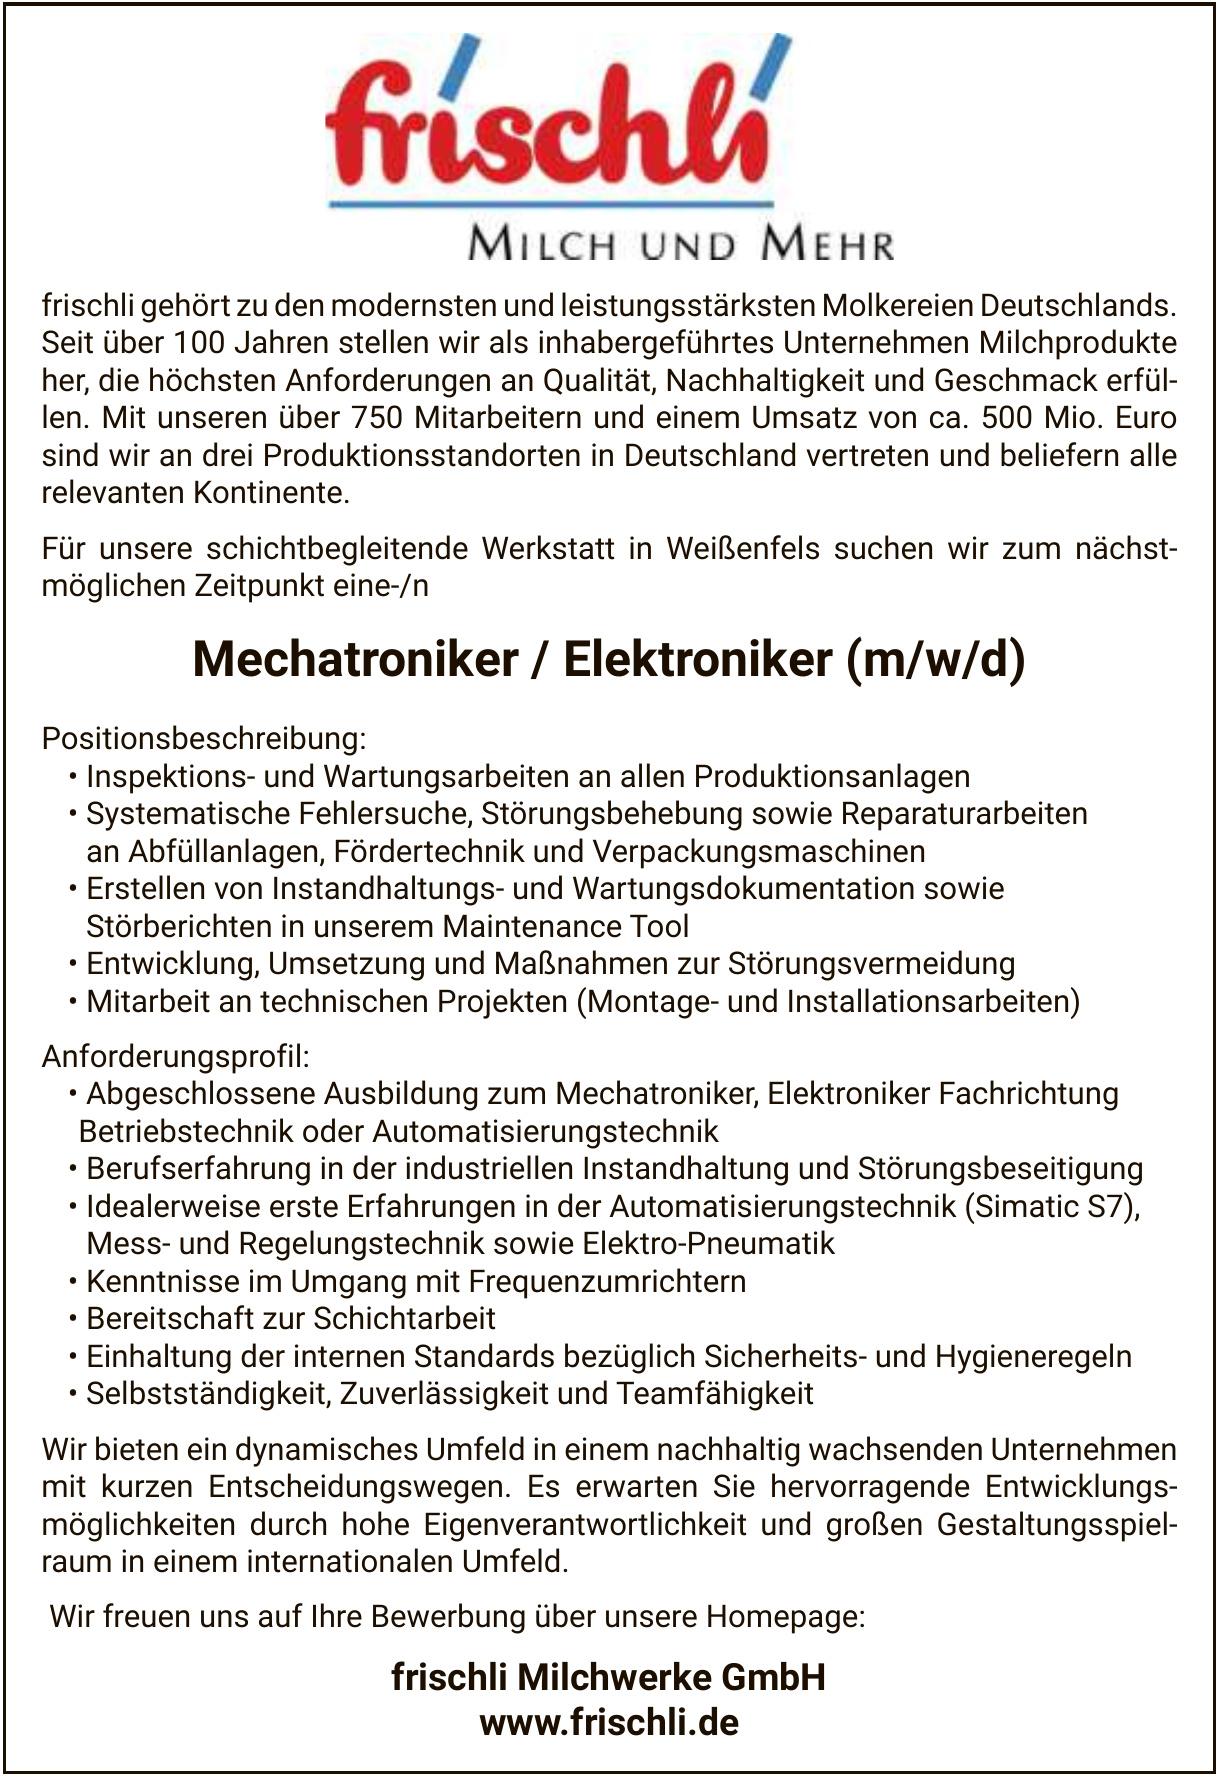 Milchwerke GmbH